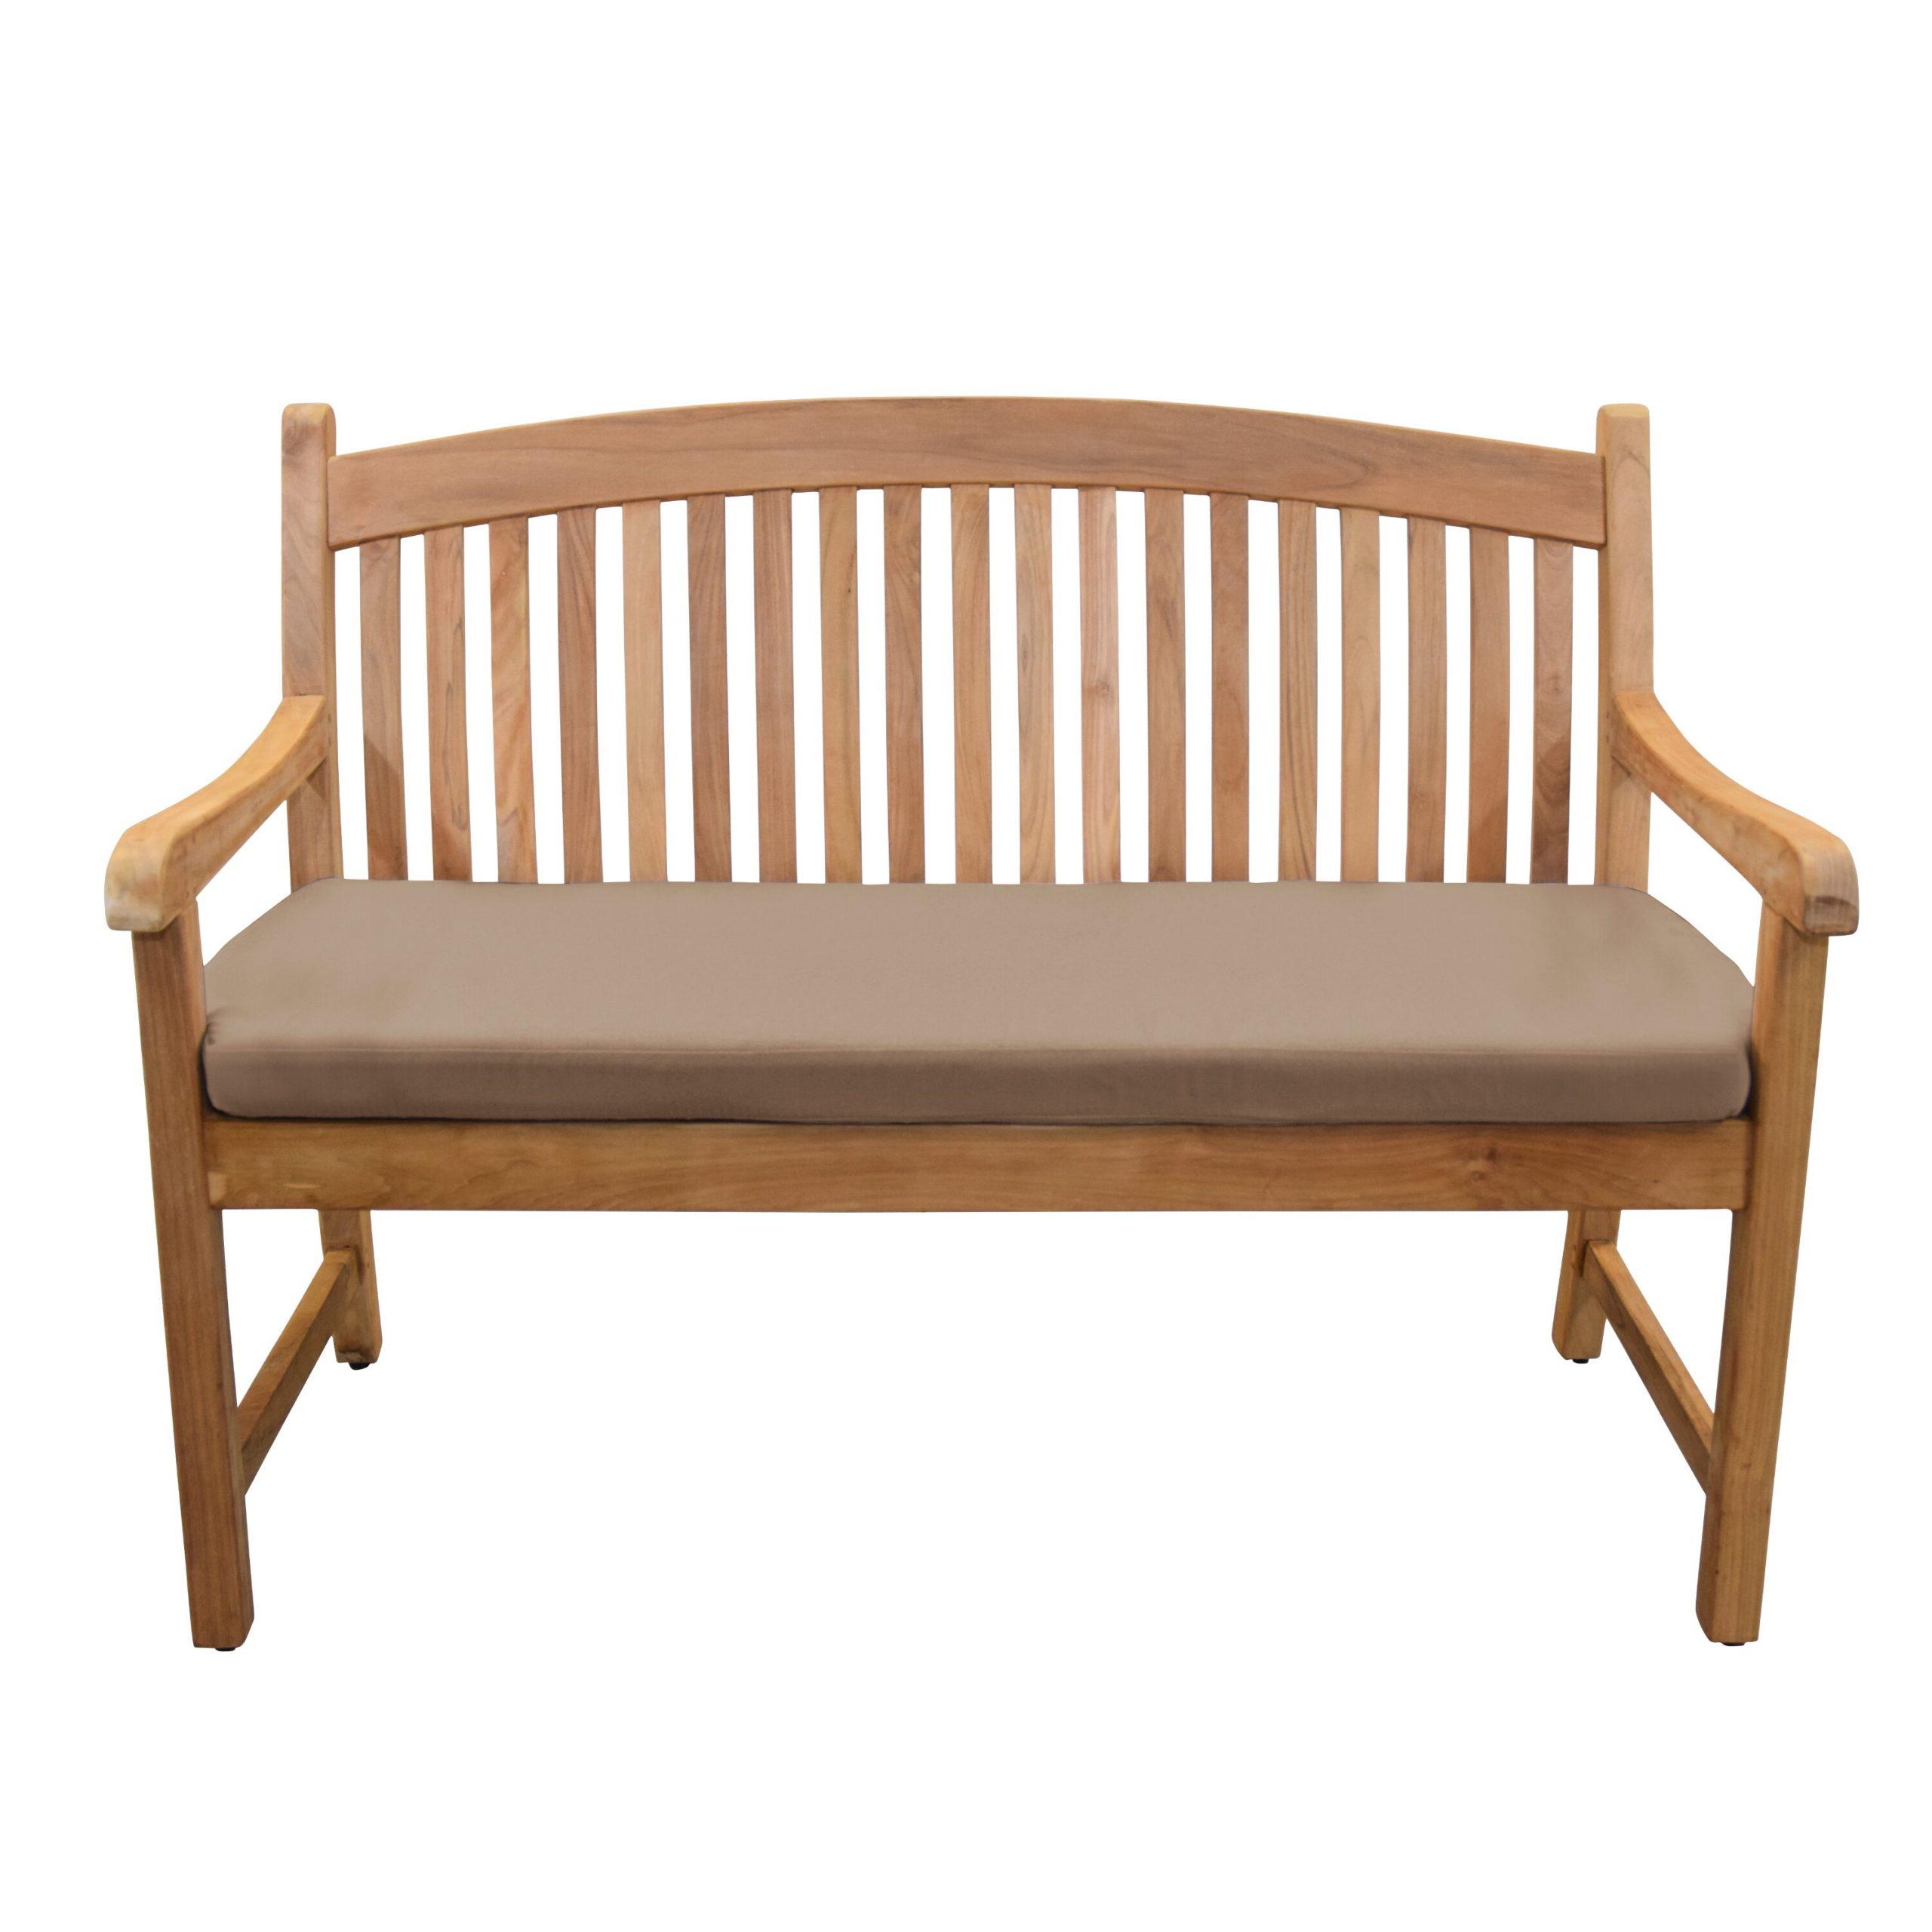 Pulver Teak Garden Bench Regarding Lucille Timberland Wooden Garden Benches (View 4 of 25)